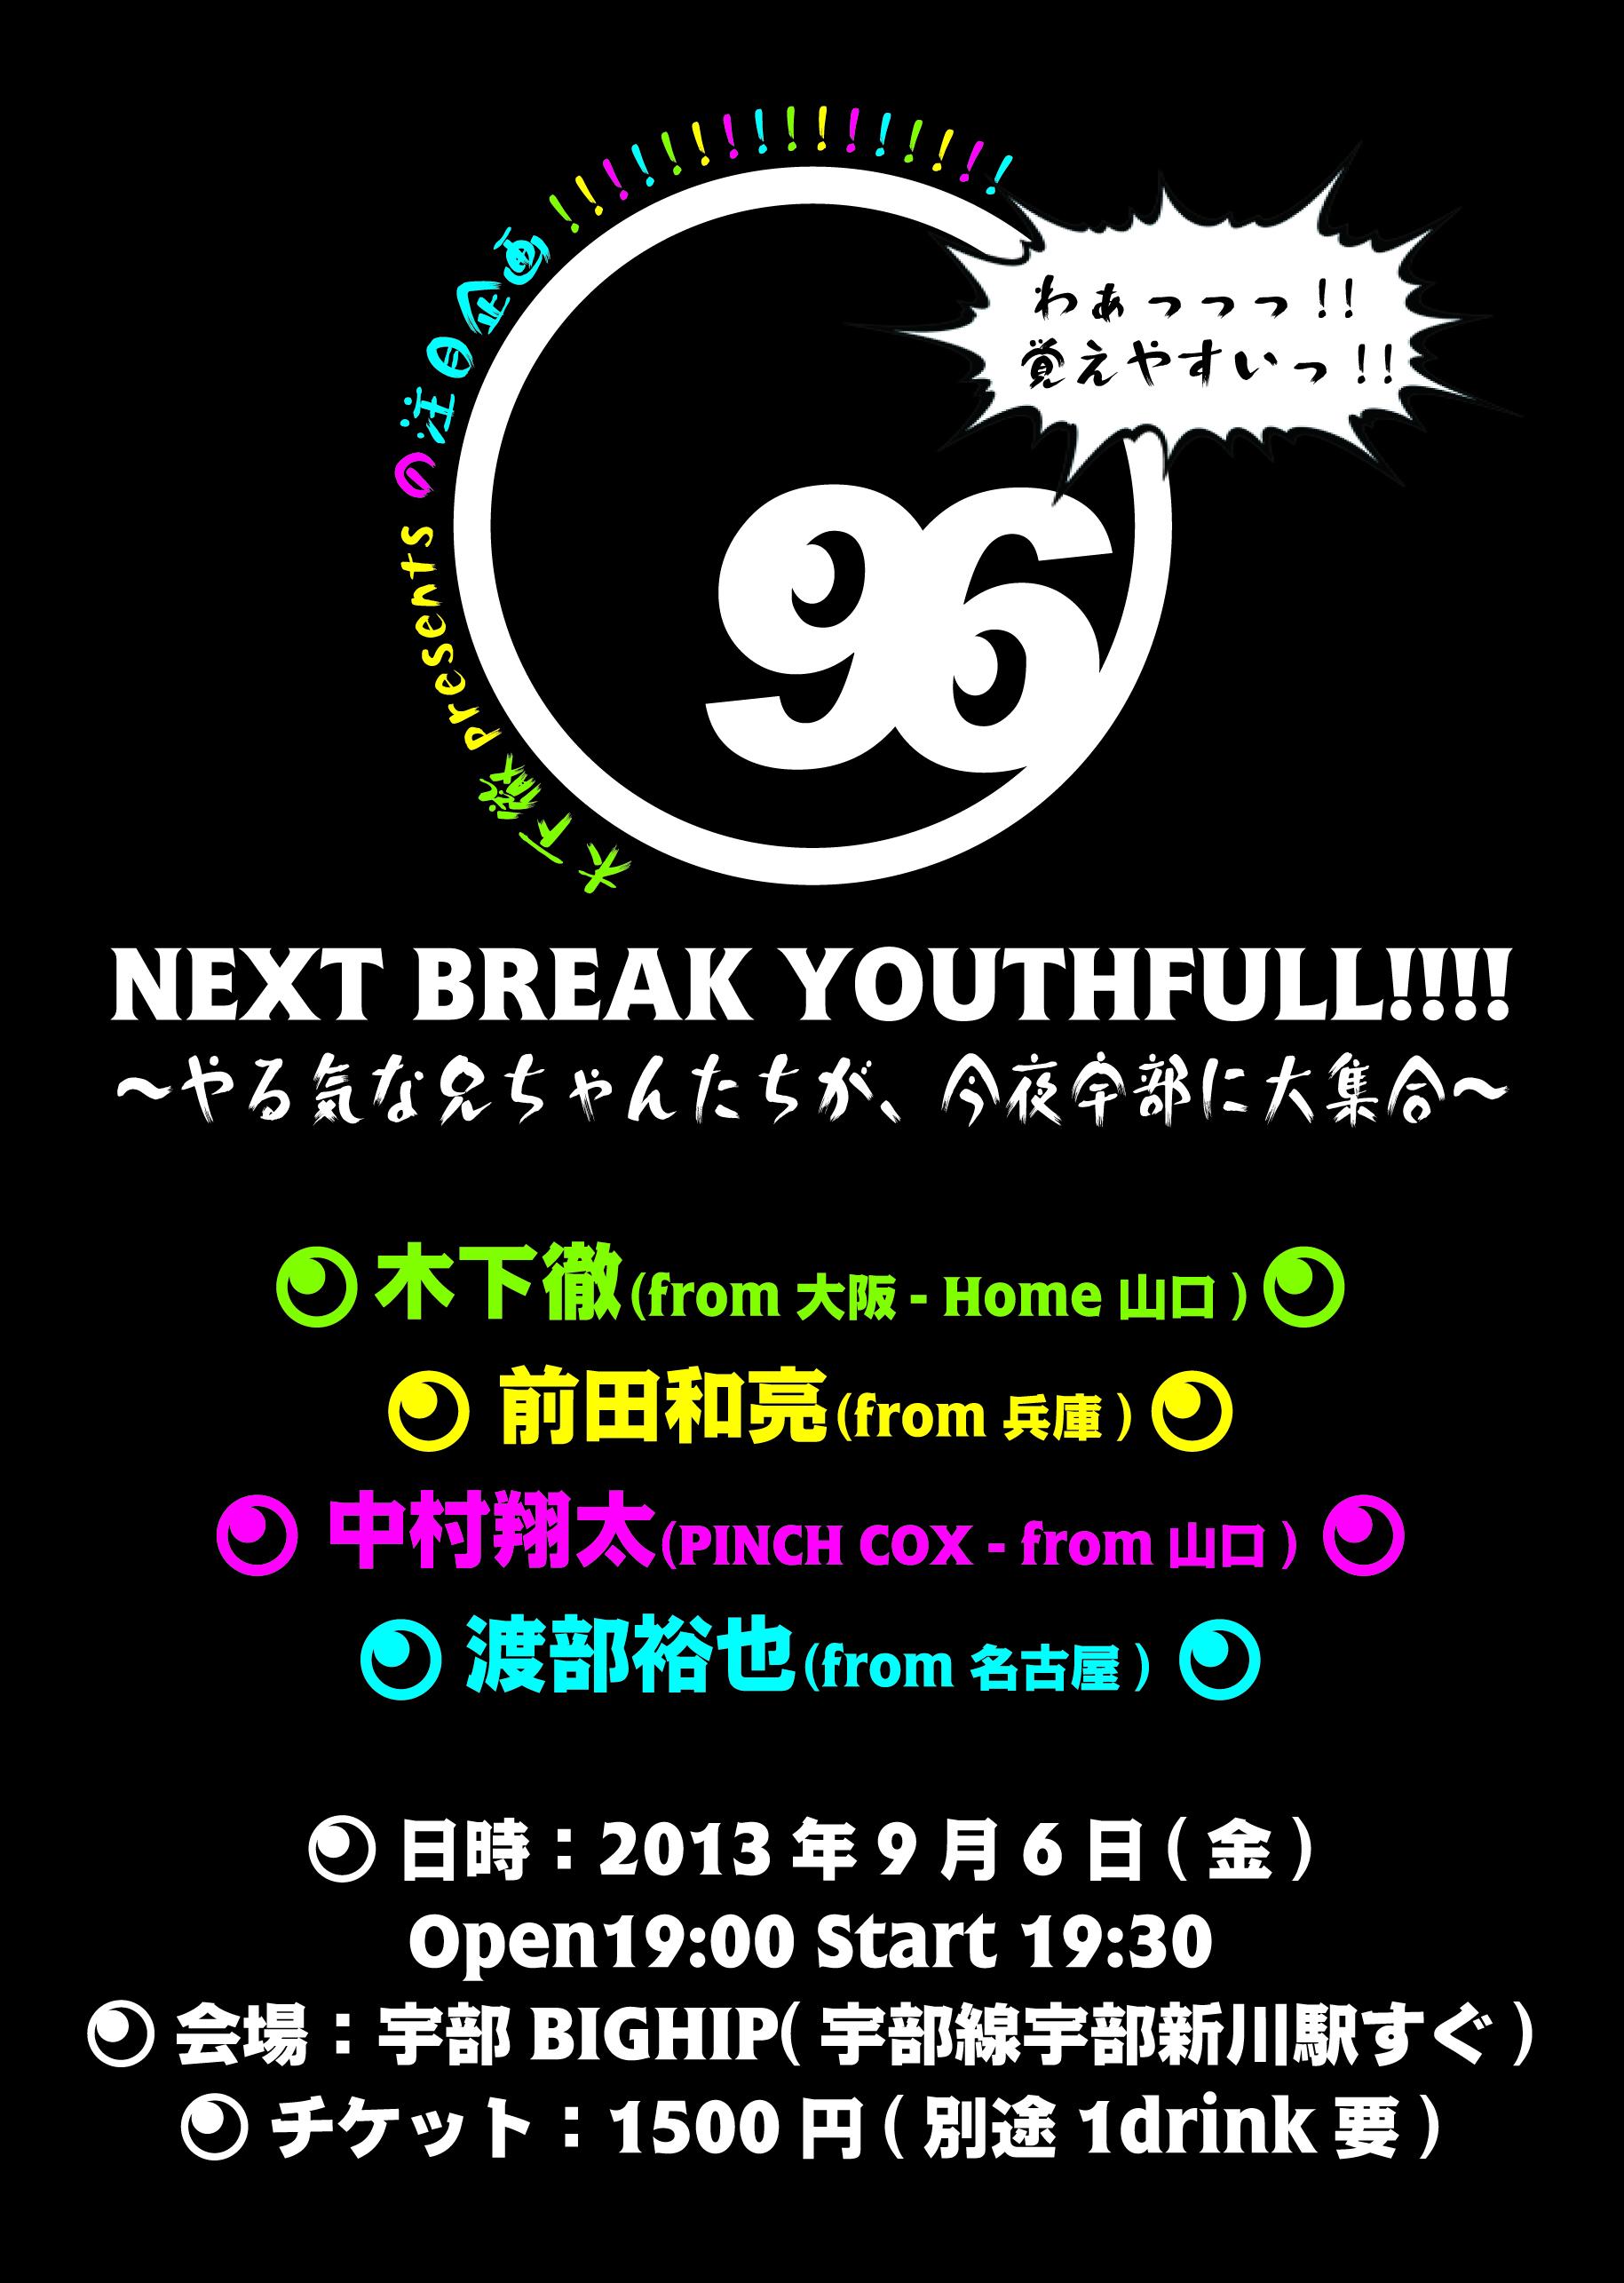 2013.09.06 木下徹 presents『NEXT BREAK YOUTHFULL!!!!!』@BIGHIP(山口)A5